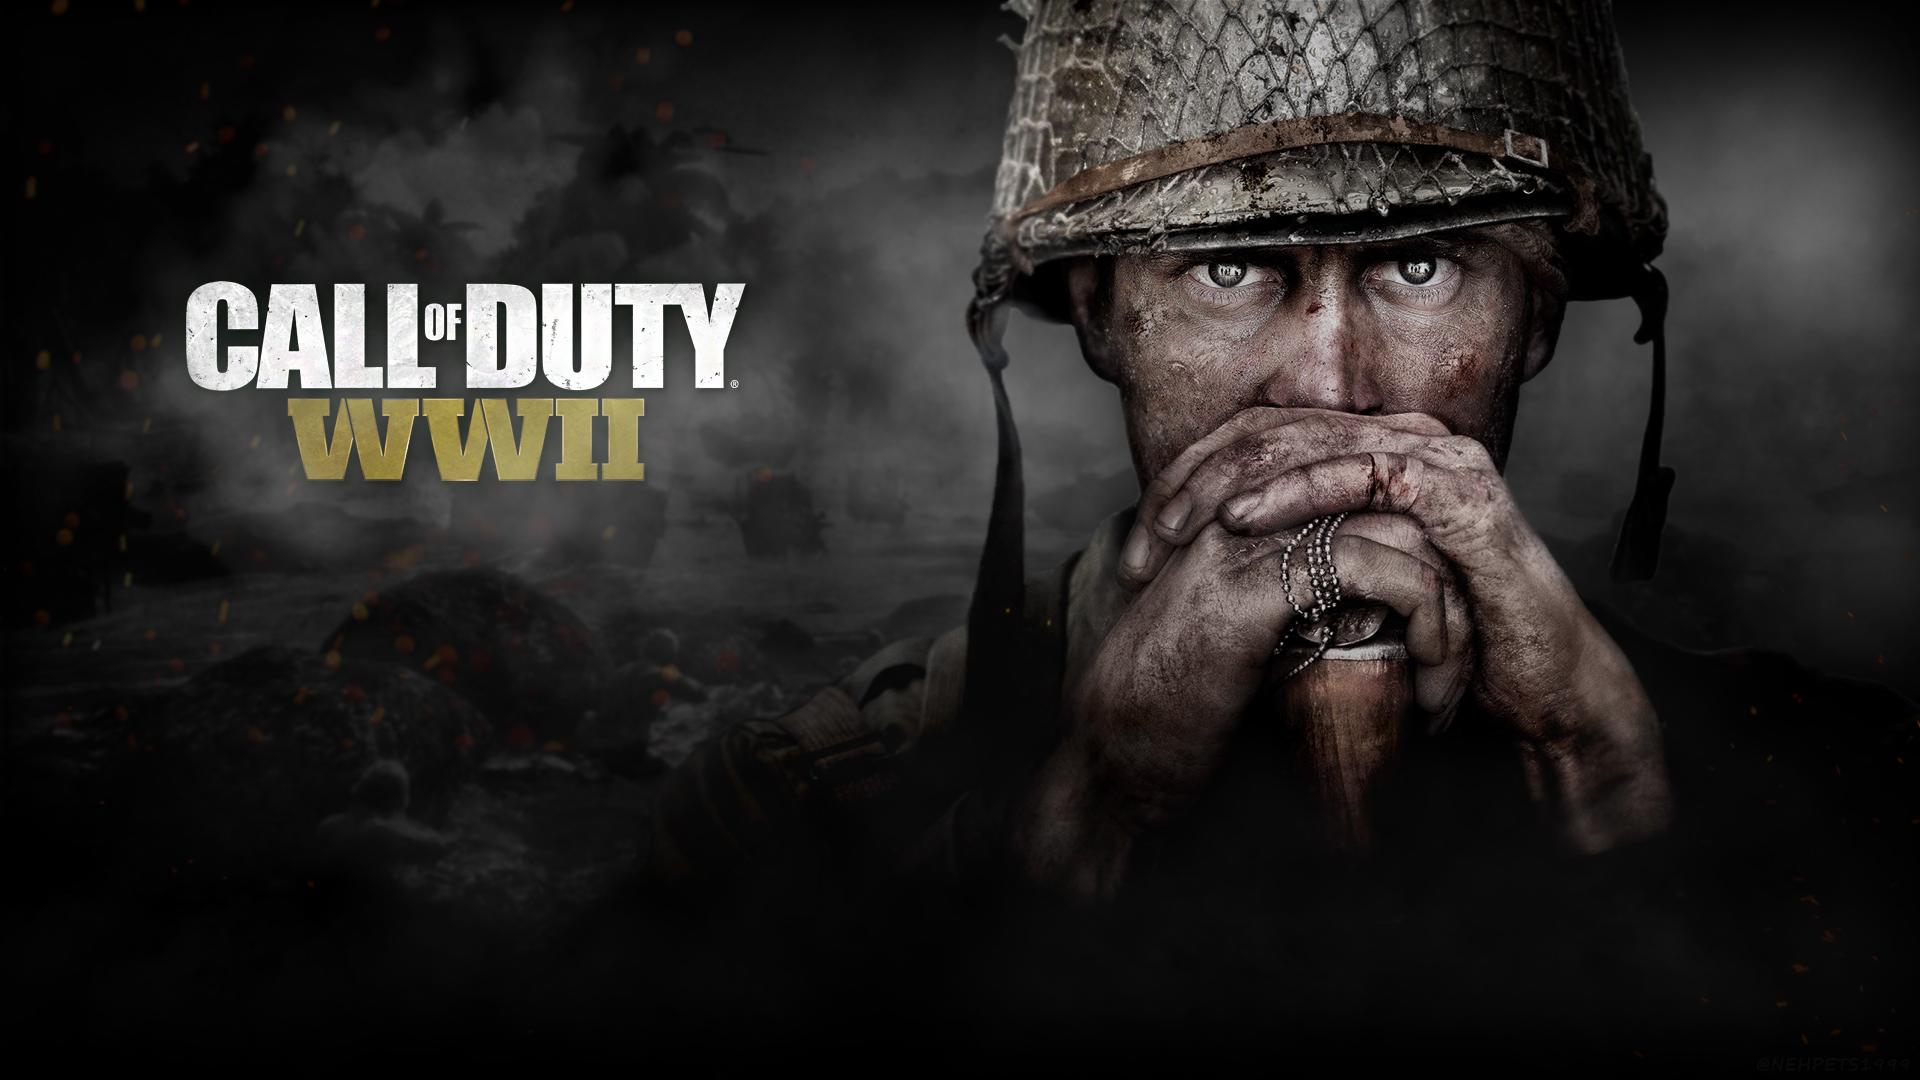 Вышла Call of Duty: WWII. Опубликованы первые оценки — отлично